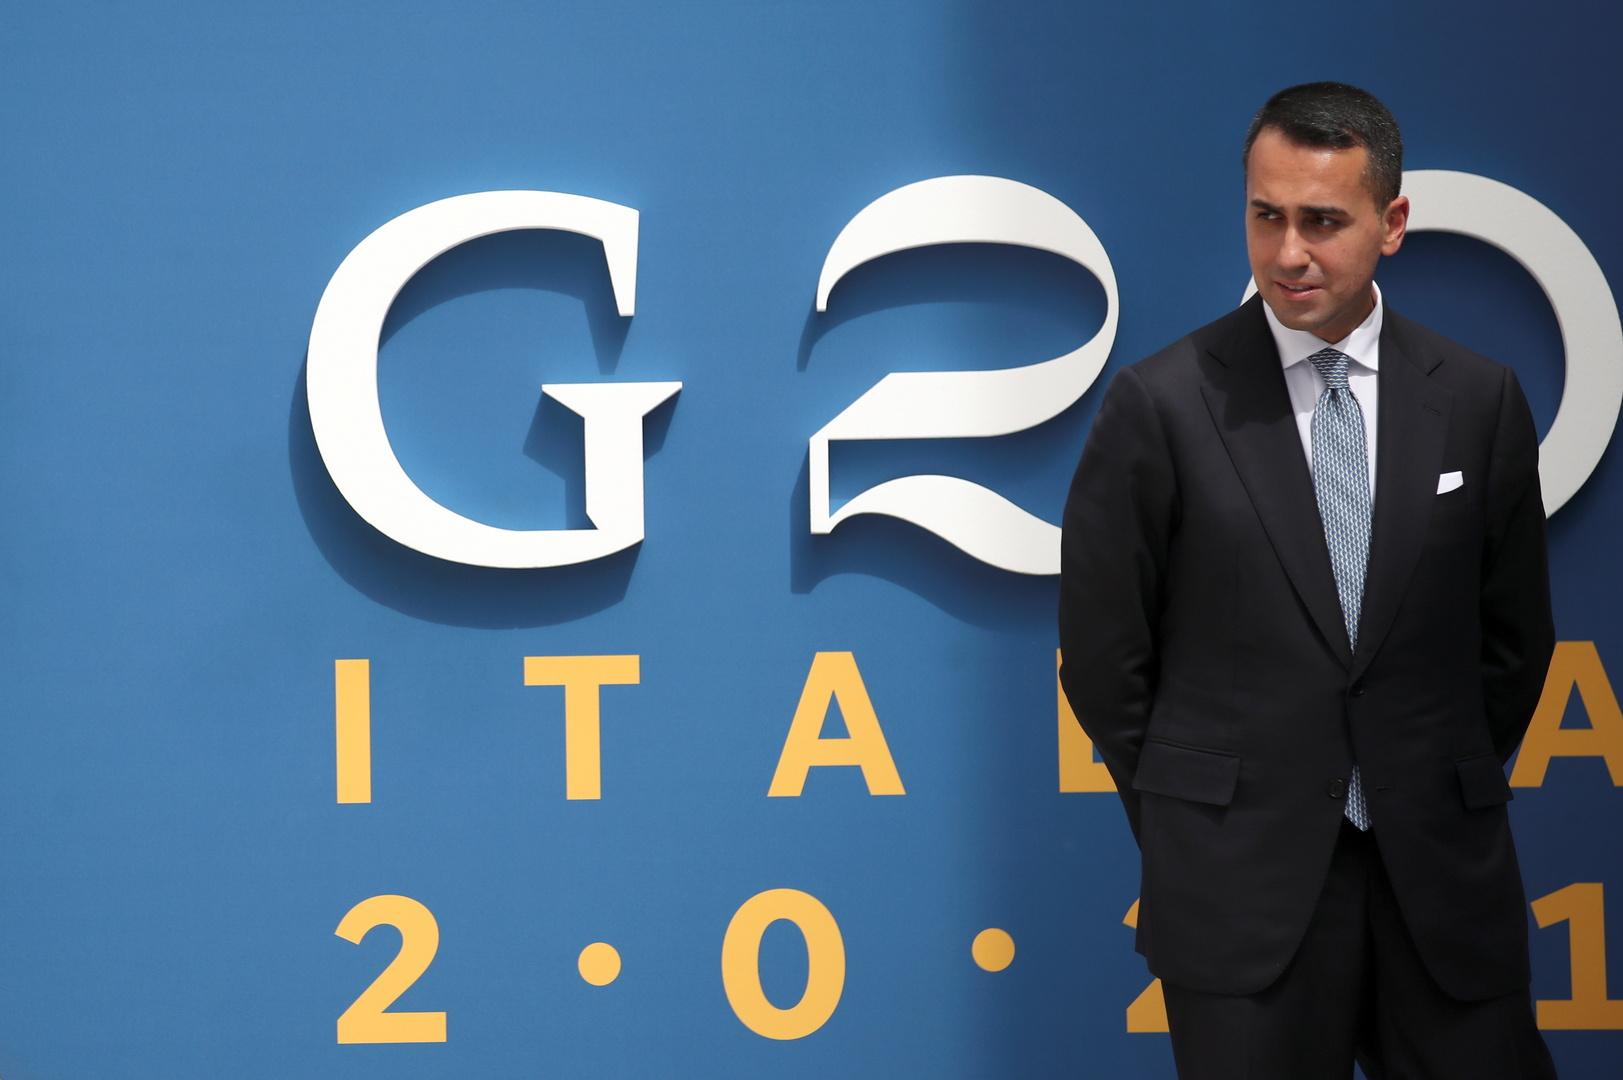 إيطاليا: الحوار مع روسيا بشأن أفغانستان ضروري وقمة طارئة لـG20 قد تتيح تنسيق موقف مشترك